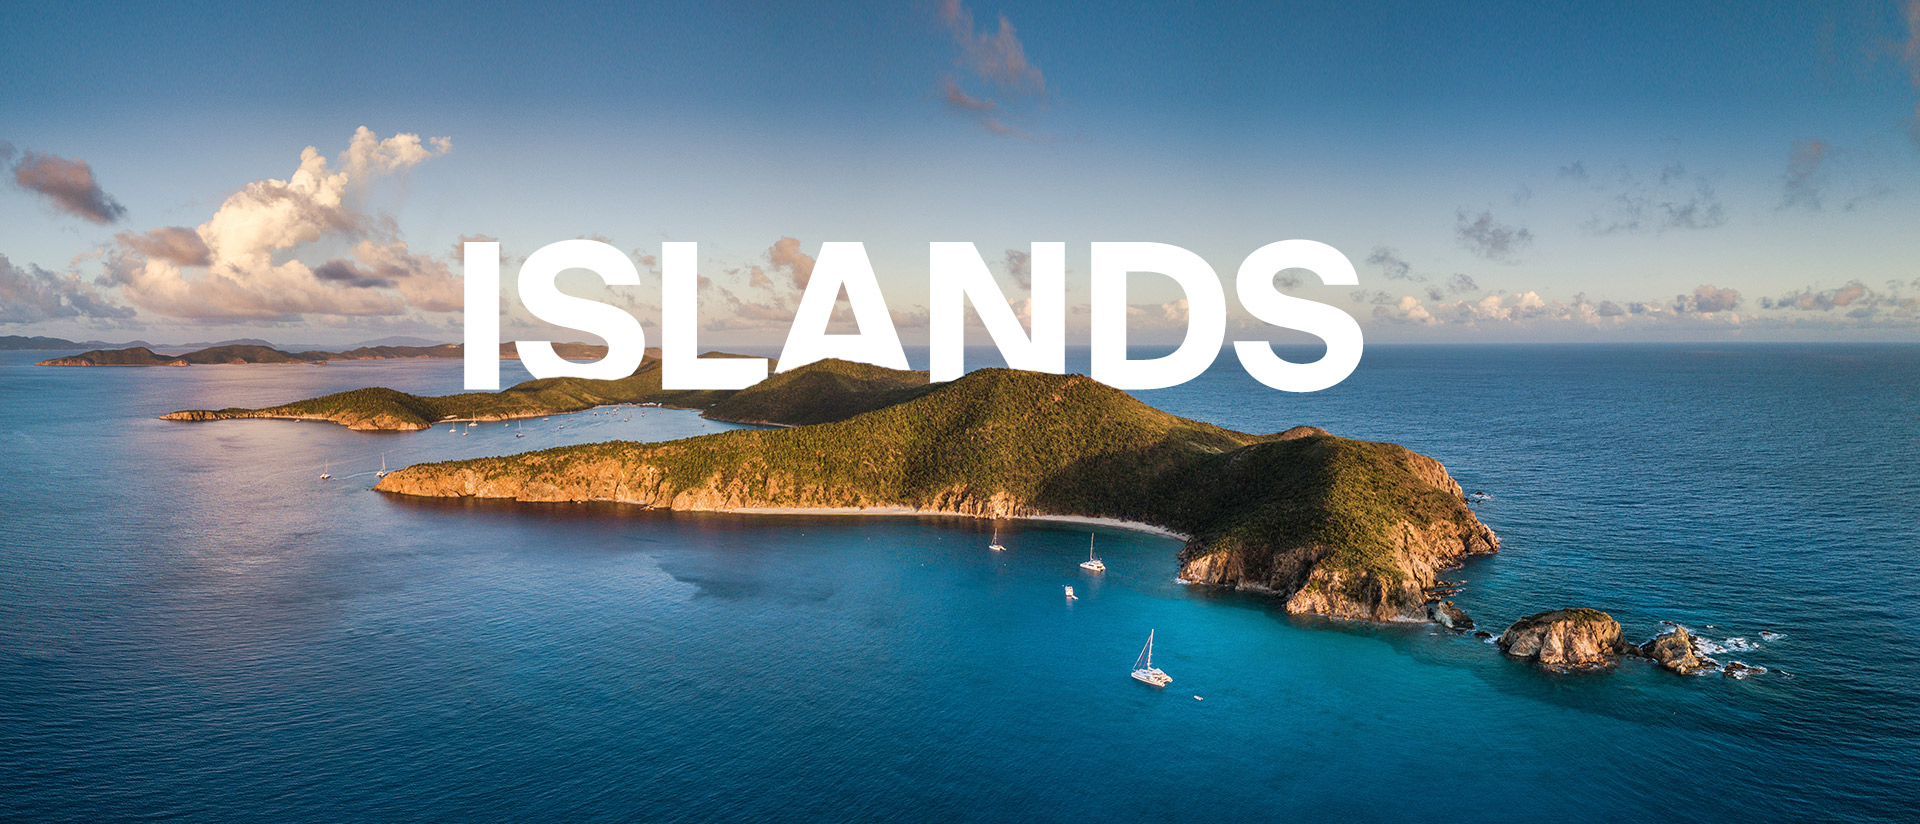 ENG_ostrova